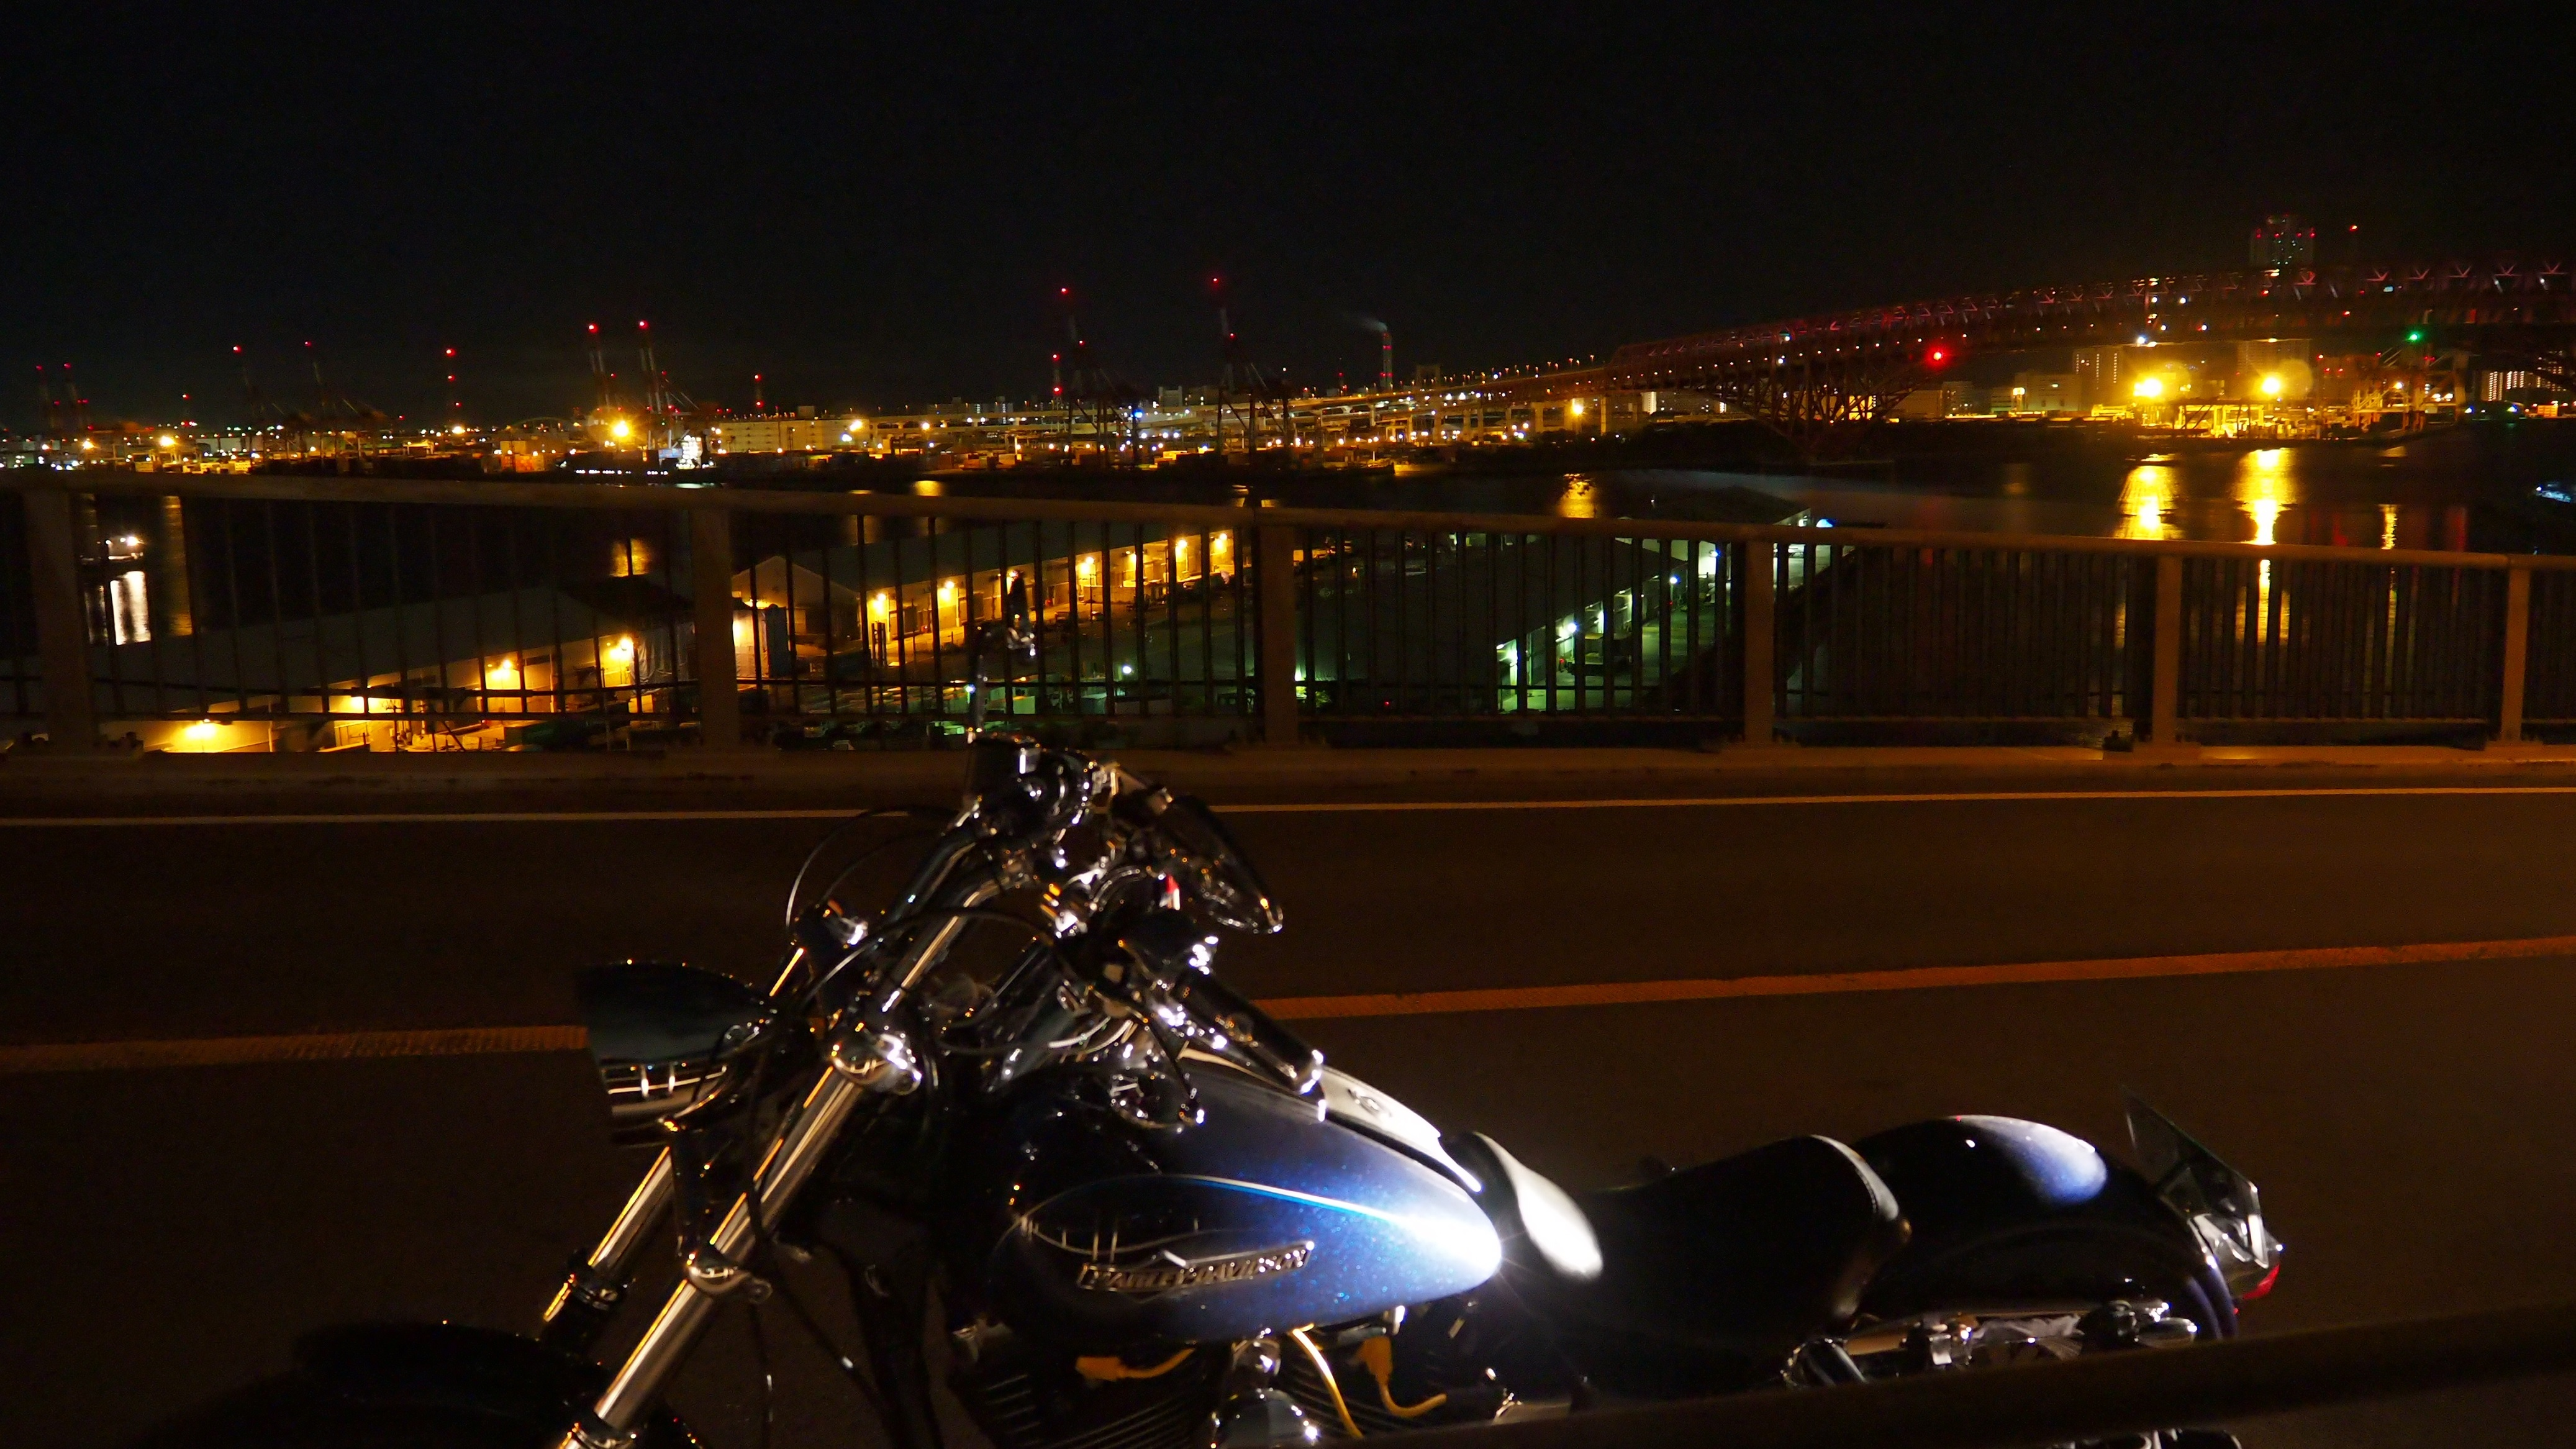 ぴーきち&ダイナ 大阪ナイトツーリング 大阪港第三突堤第七岸壁 ナナガン 港大橋